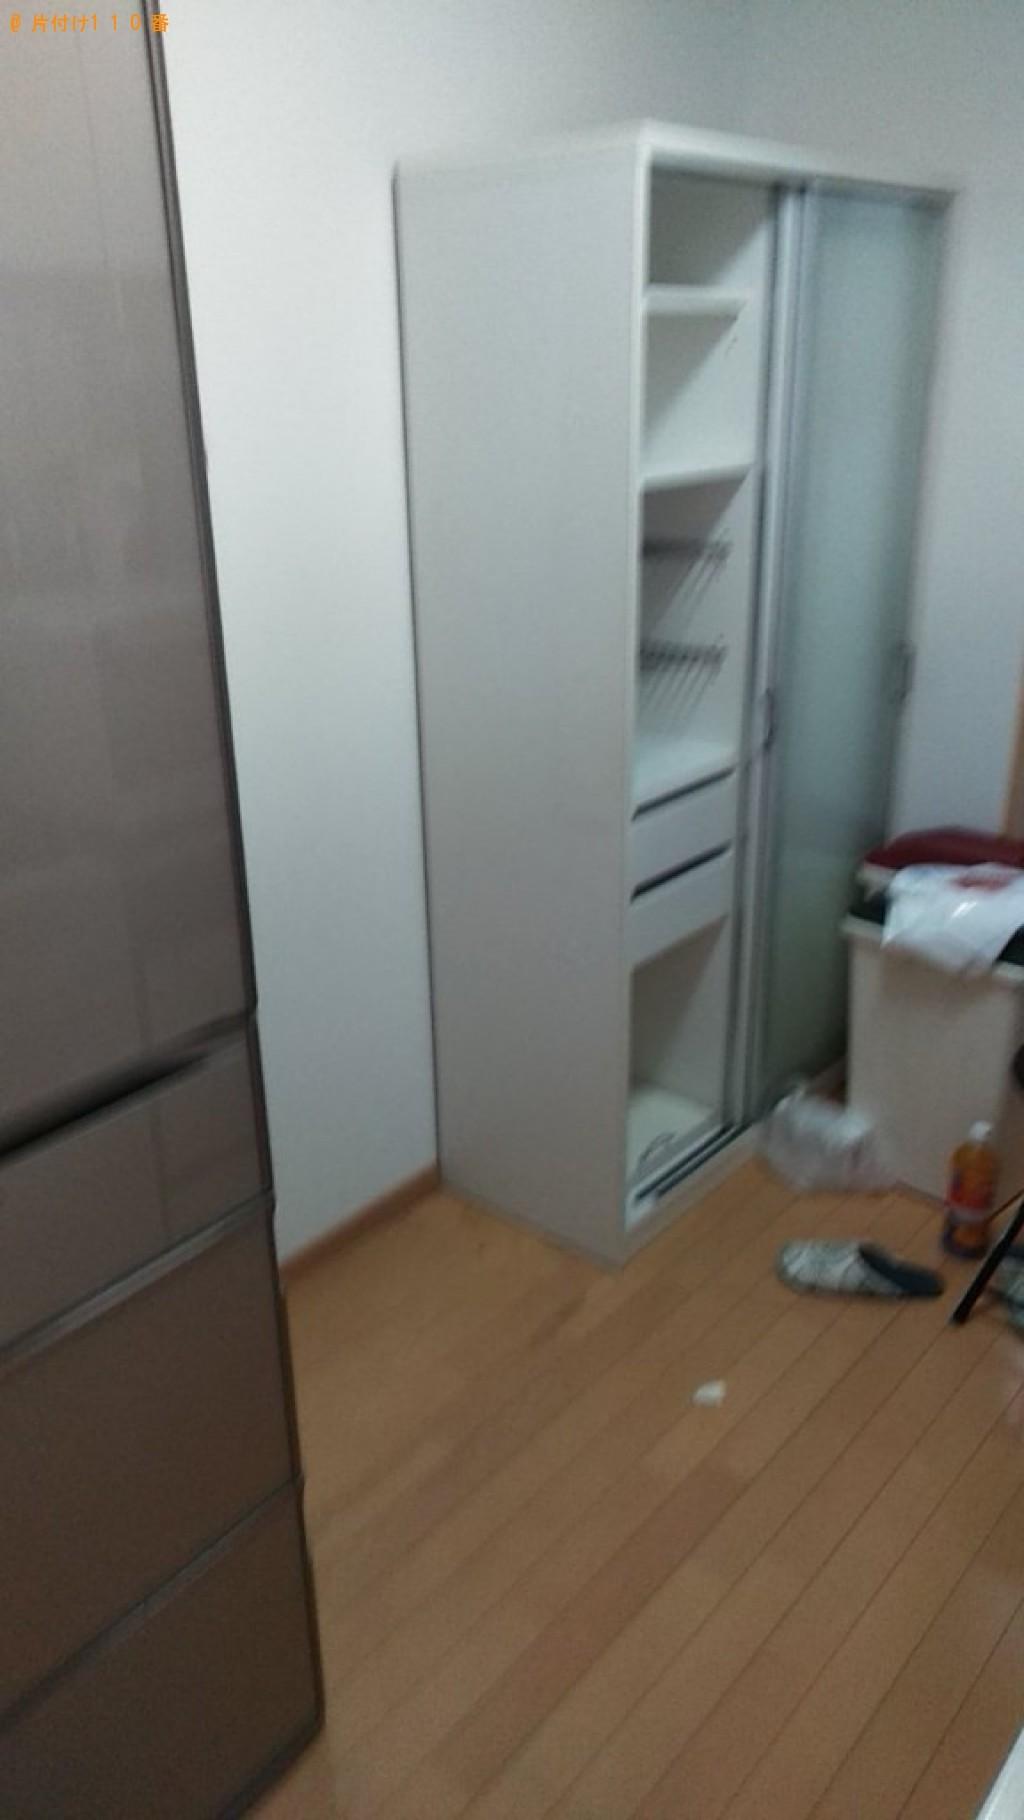 【仙台市】食器棚、二人用ダイニングテーブル、自転車等の回収・処分